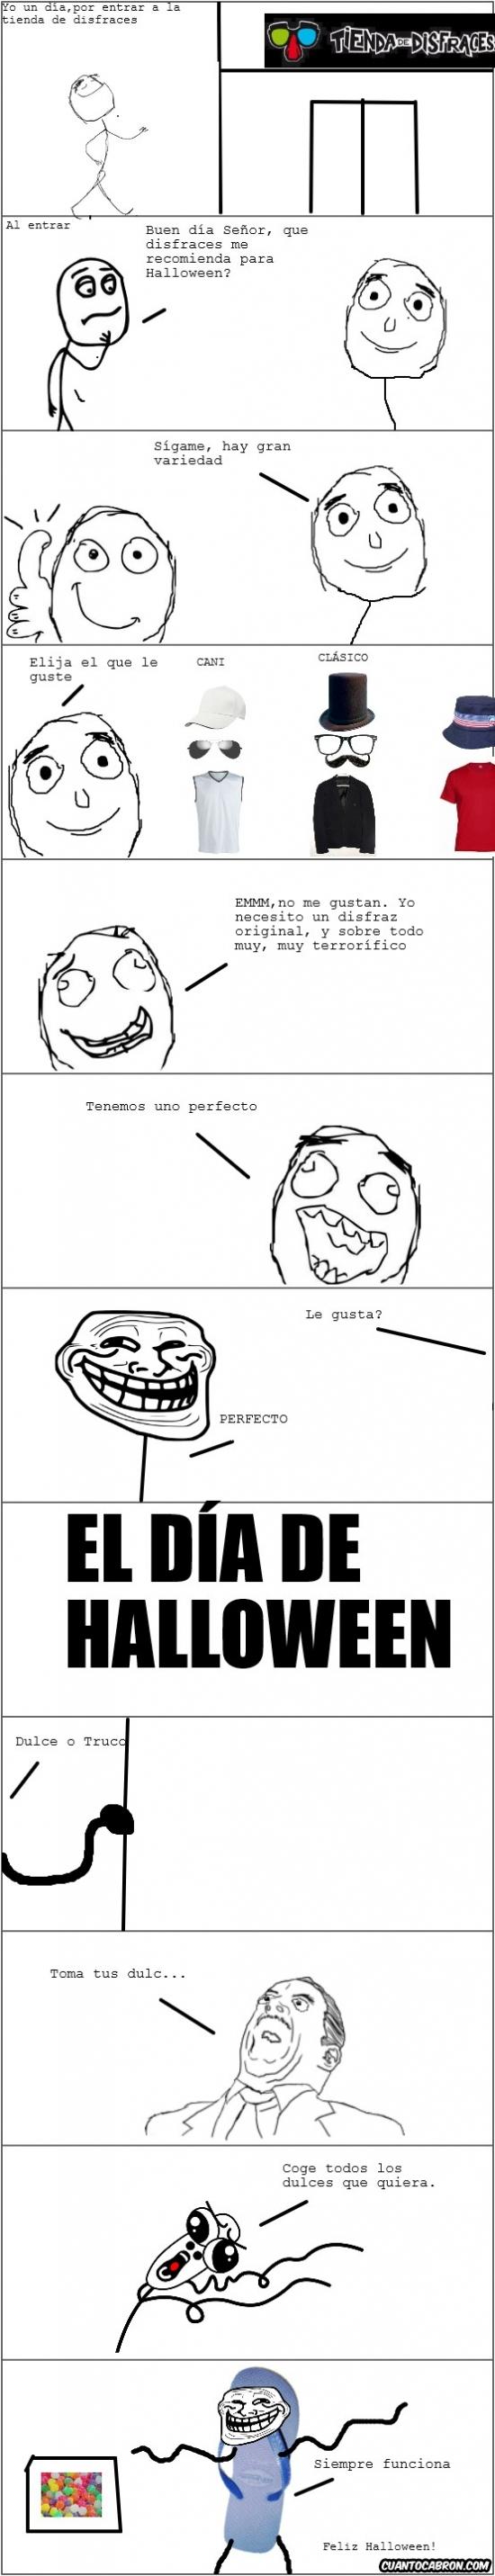 Trollface - El mejor disfraz para asustar